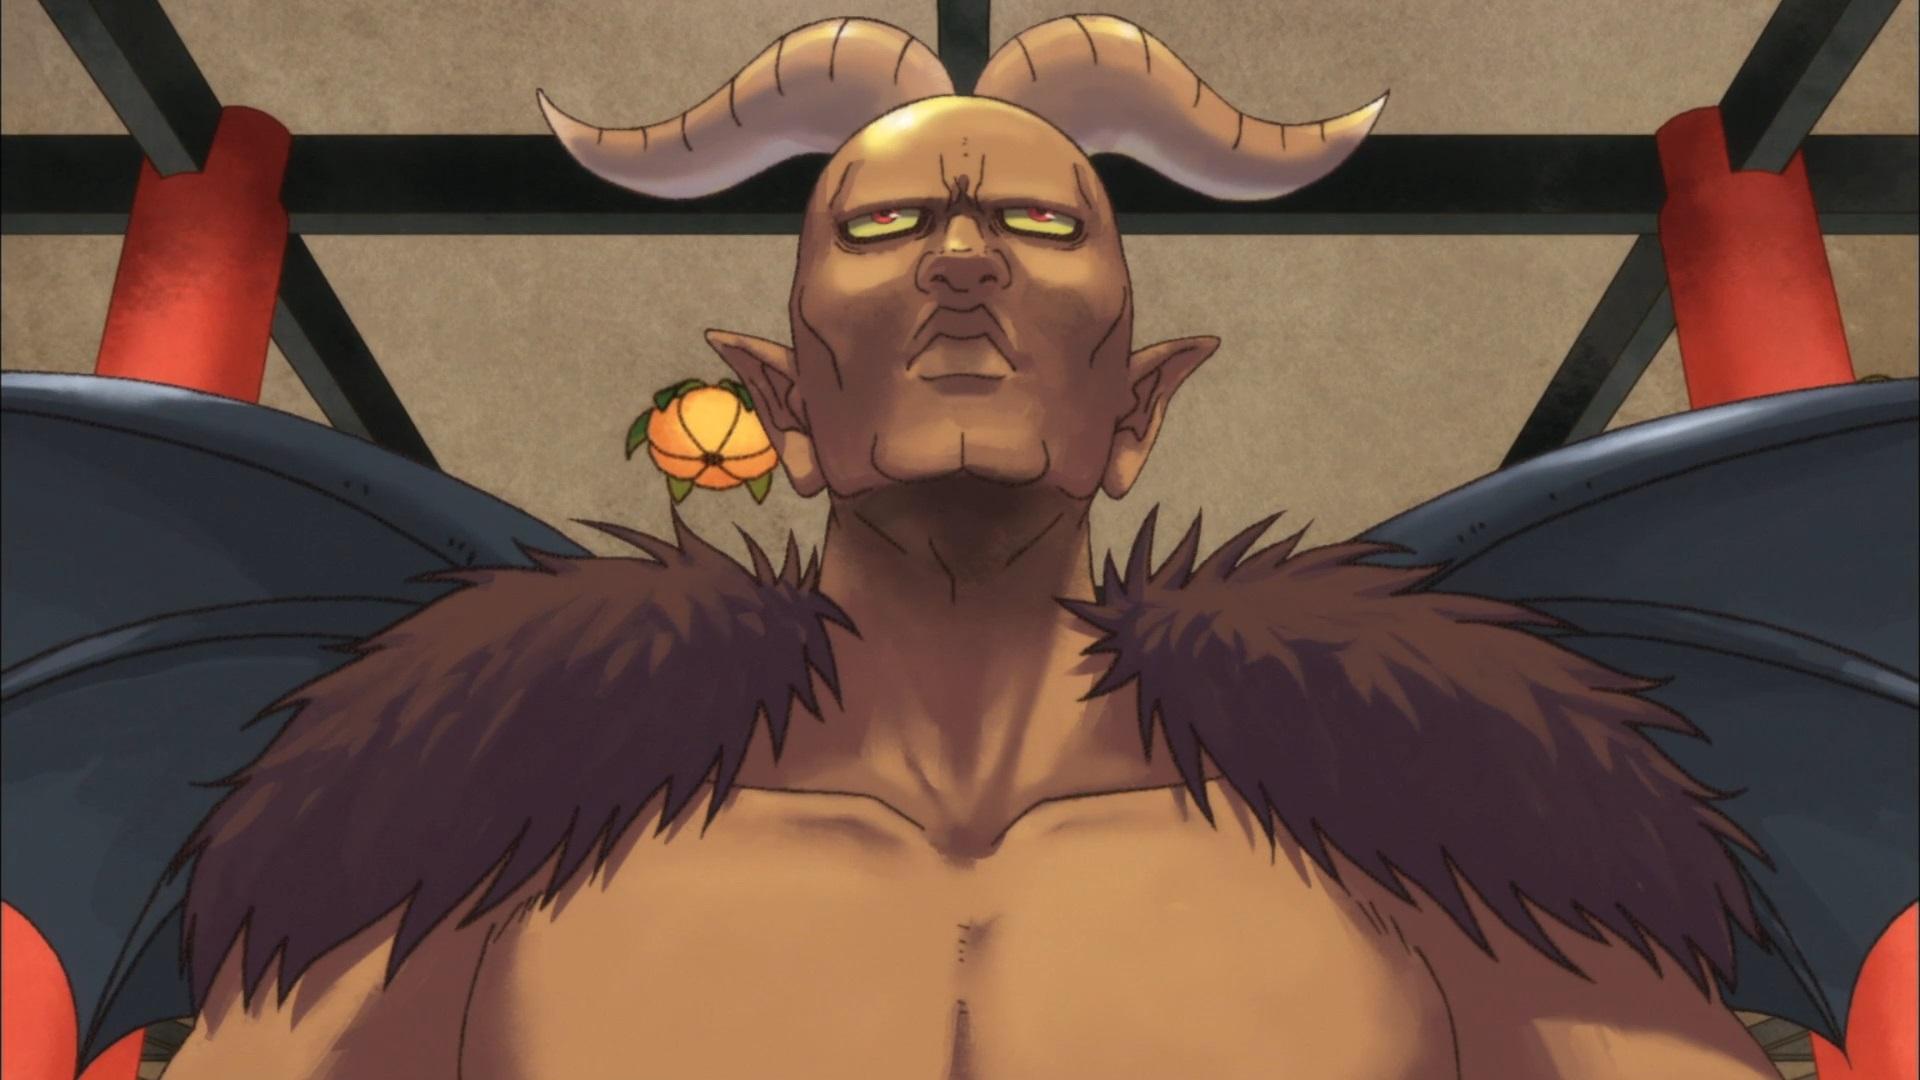 Satanás, el gobernante del infierno europeo, intenta lucir majestuoso e imponente mientras visita el infierno japonés en una escena del anime televisivo Coolheadedness de Hozuki.